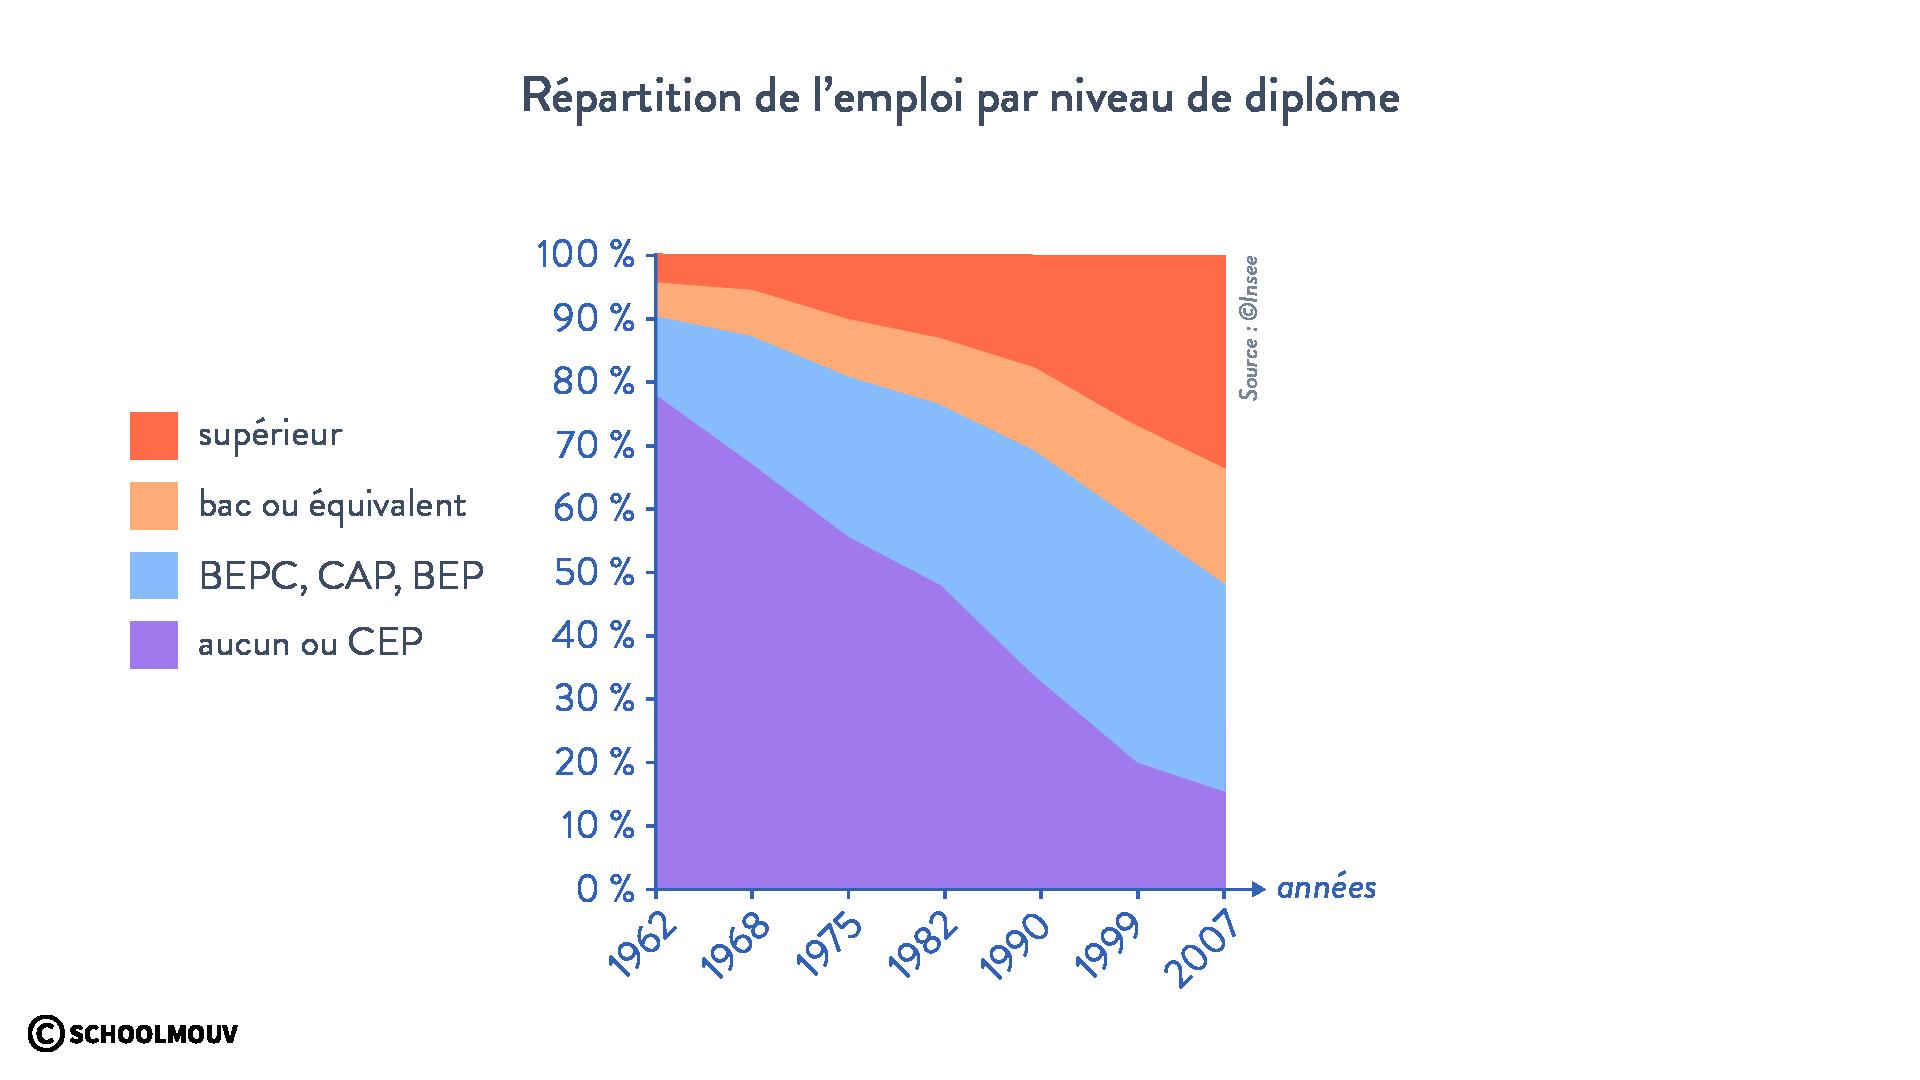 Répartition de l'emploi par niveau de diplôme